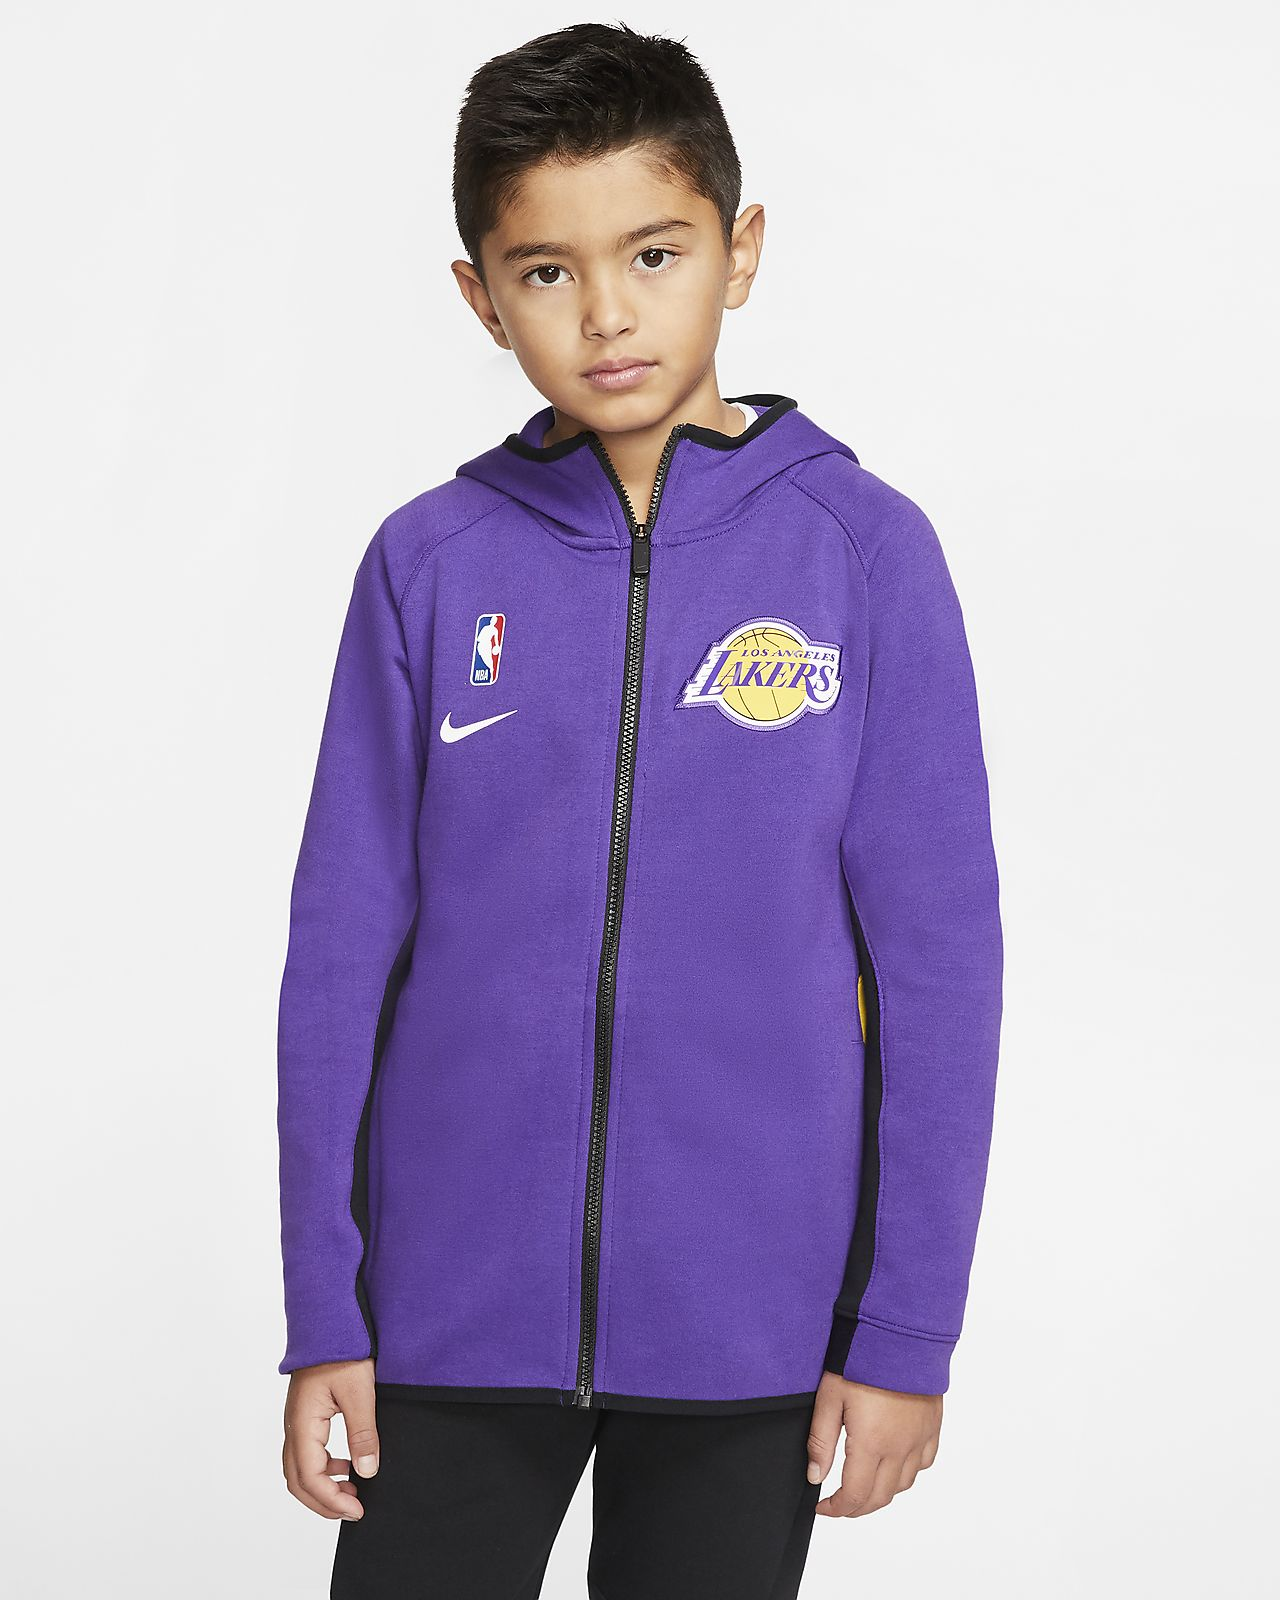 Bluza z kapturem dla dużych dzieci Nike NBA Lakers Courtside